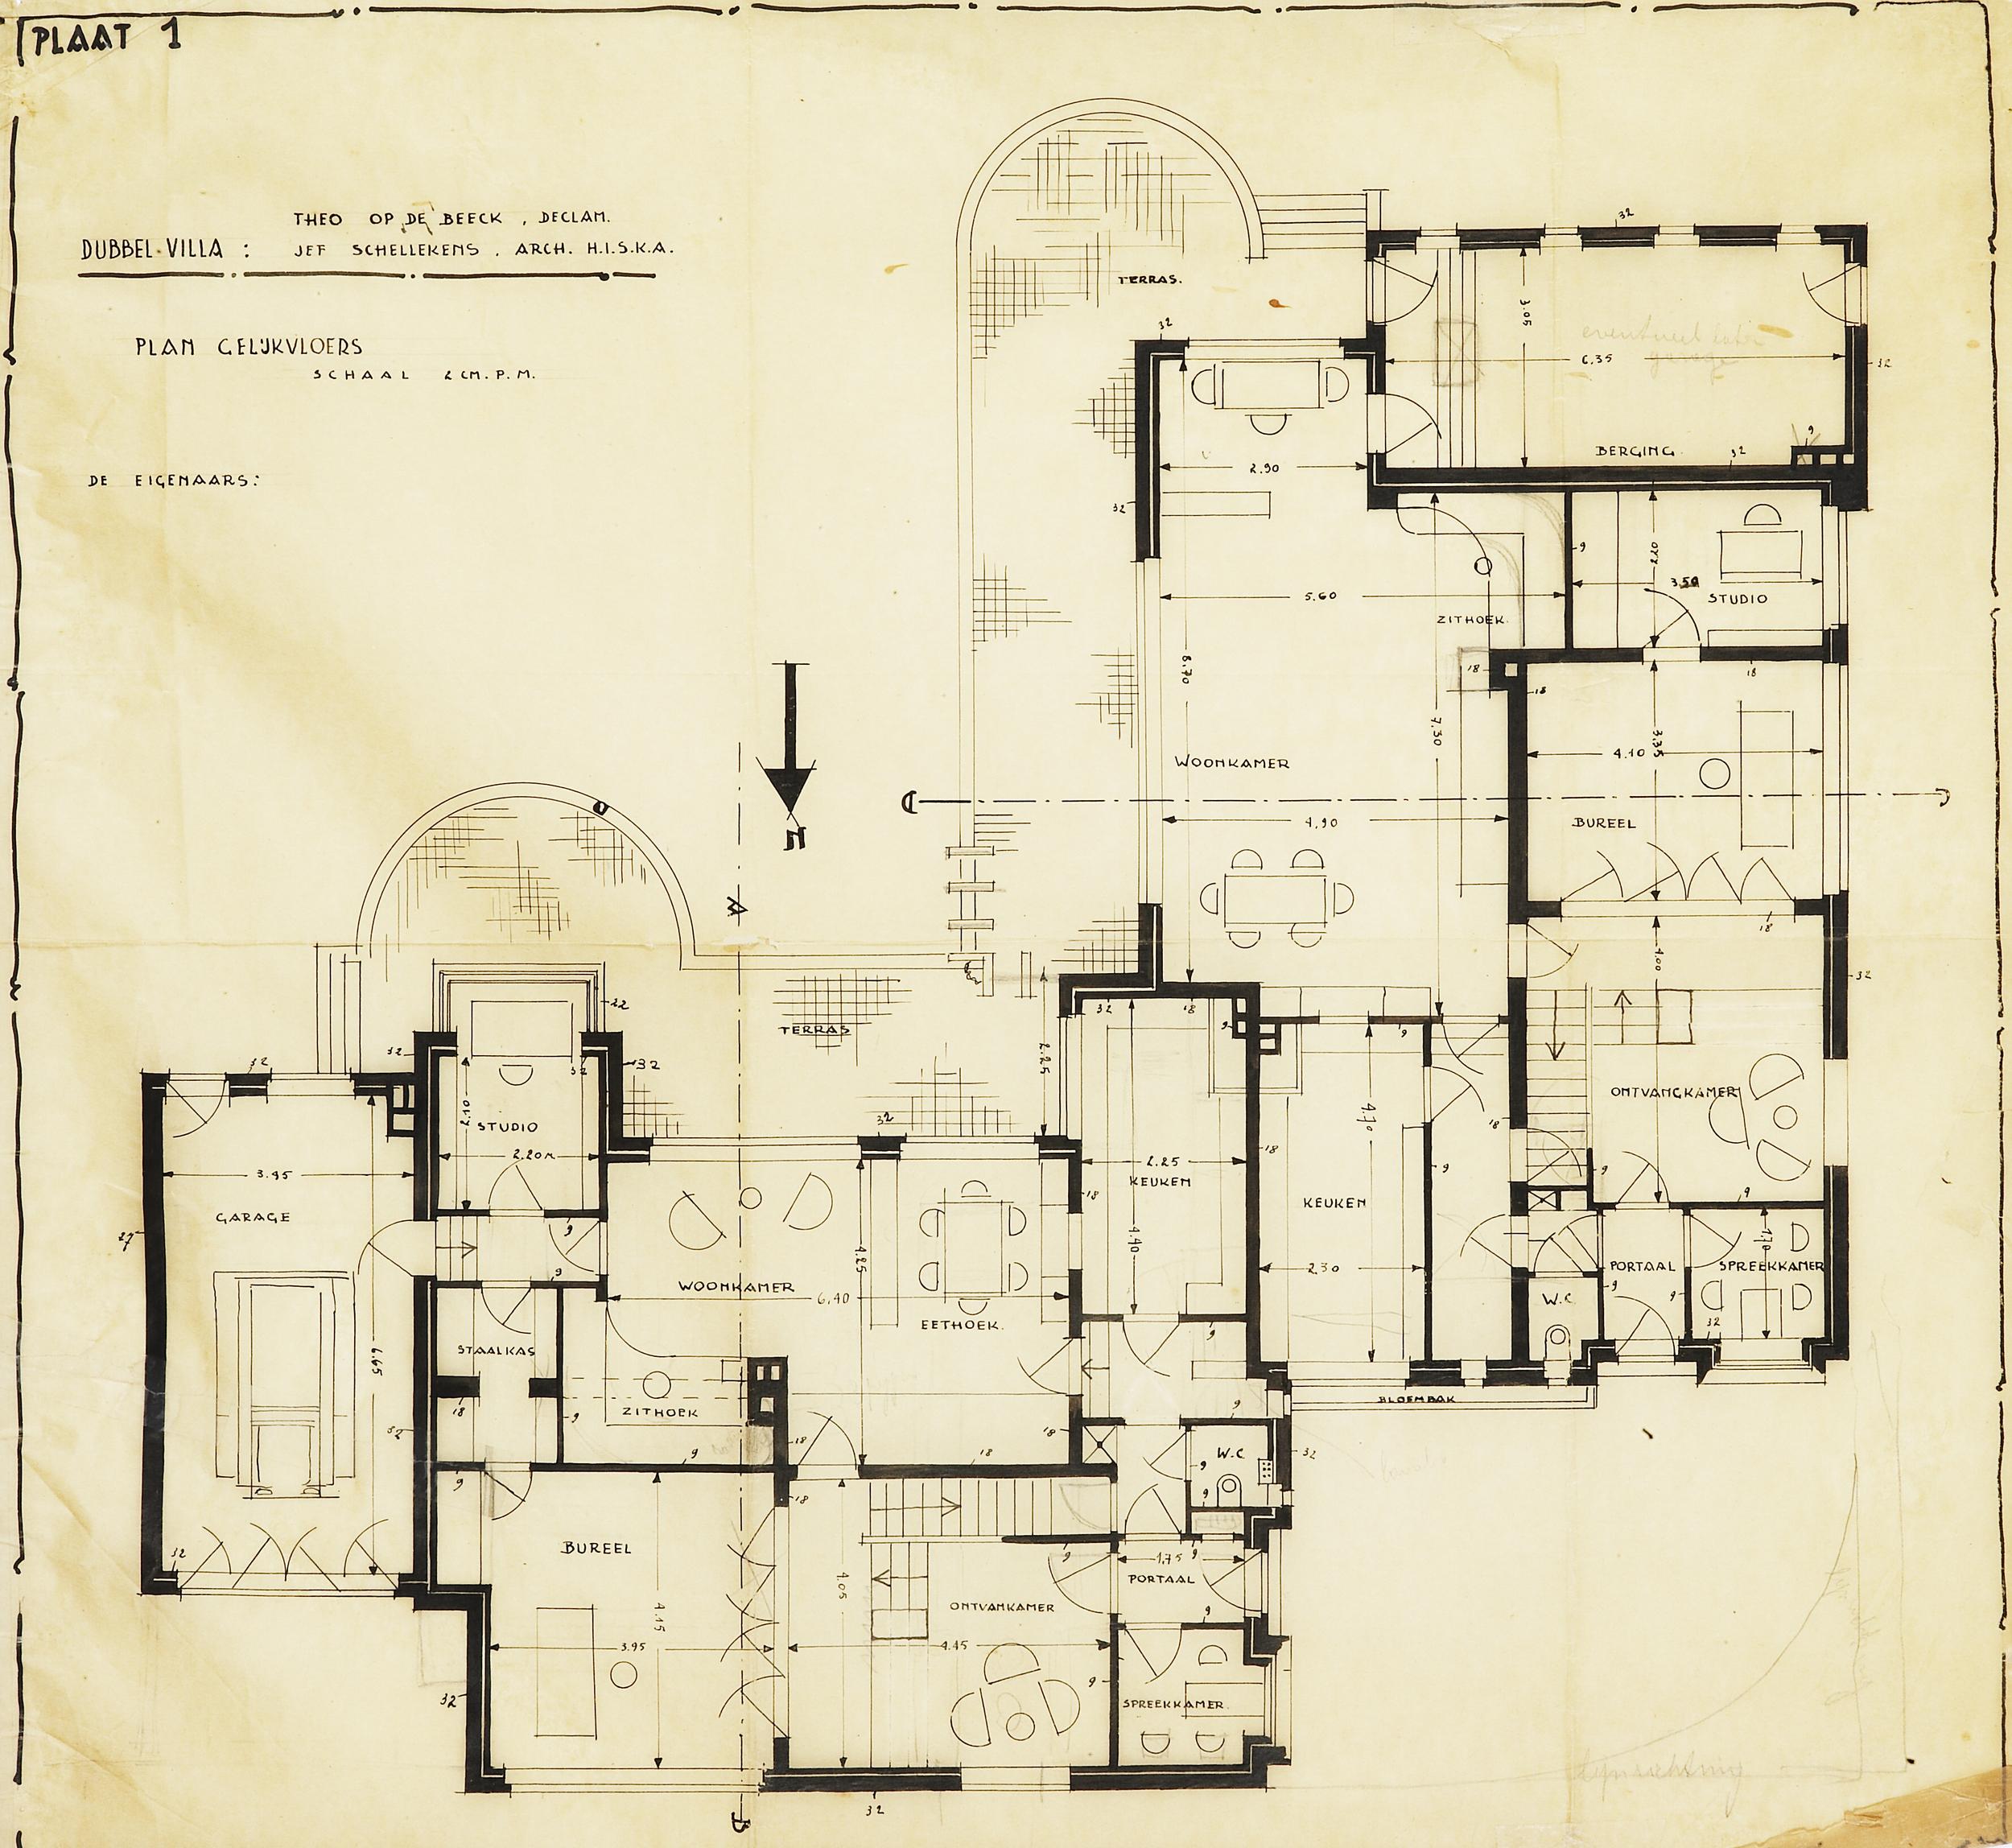 Stwg Mol plan1.jpg